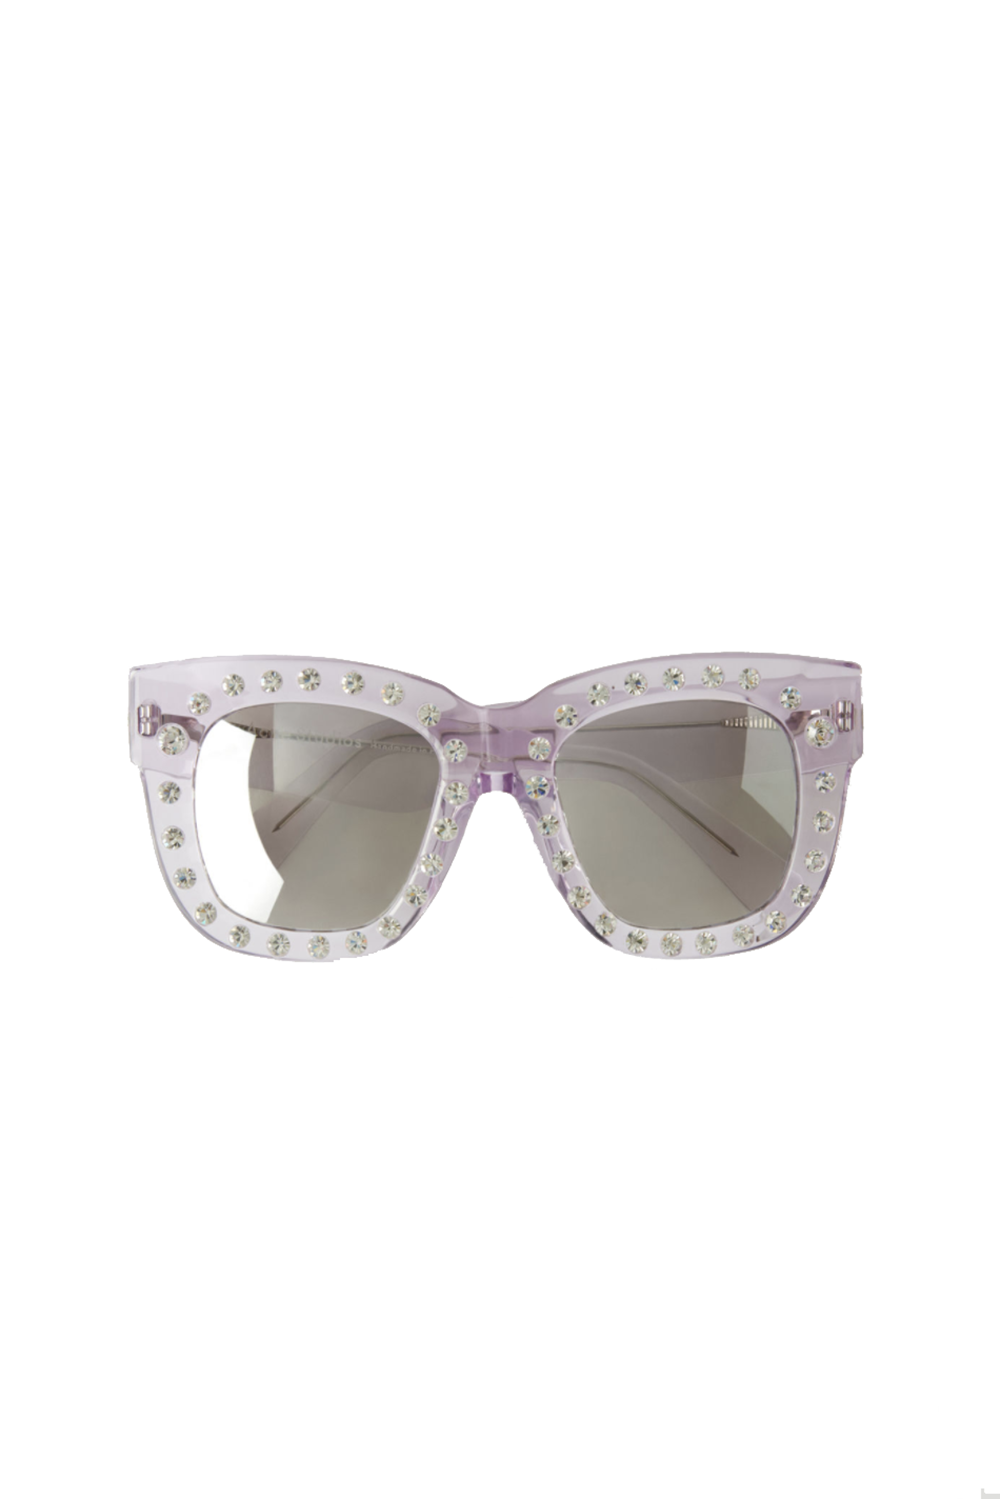 06404e5647 22 Best Sunglasses for Women 2019 - Cute Sunglasses for Women